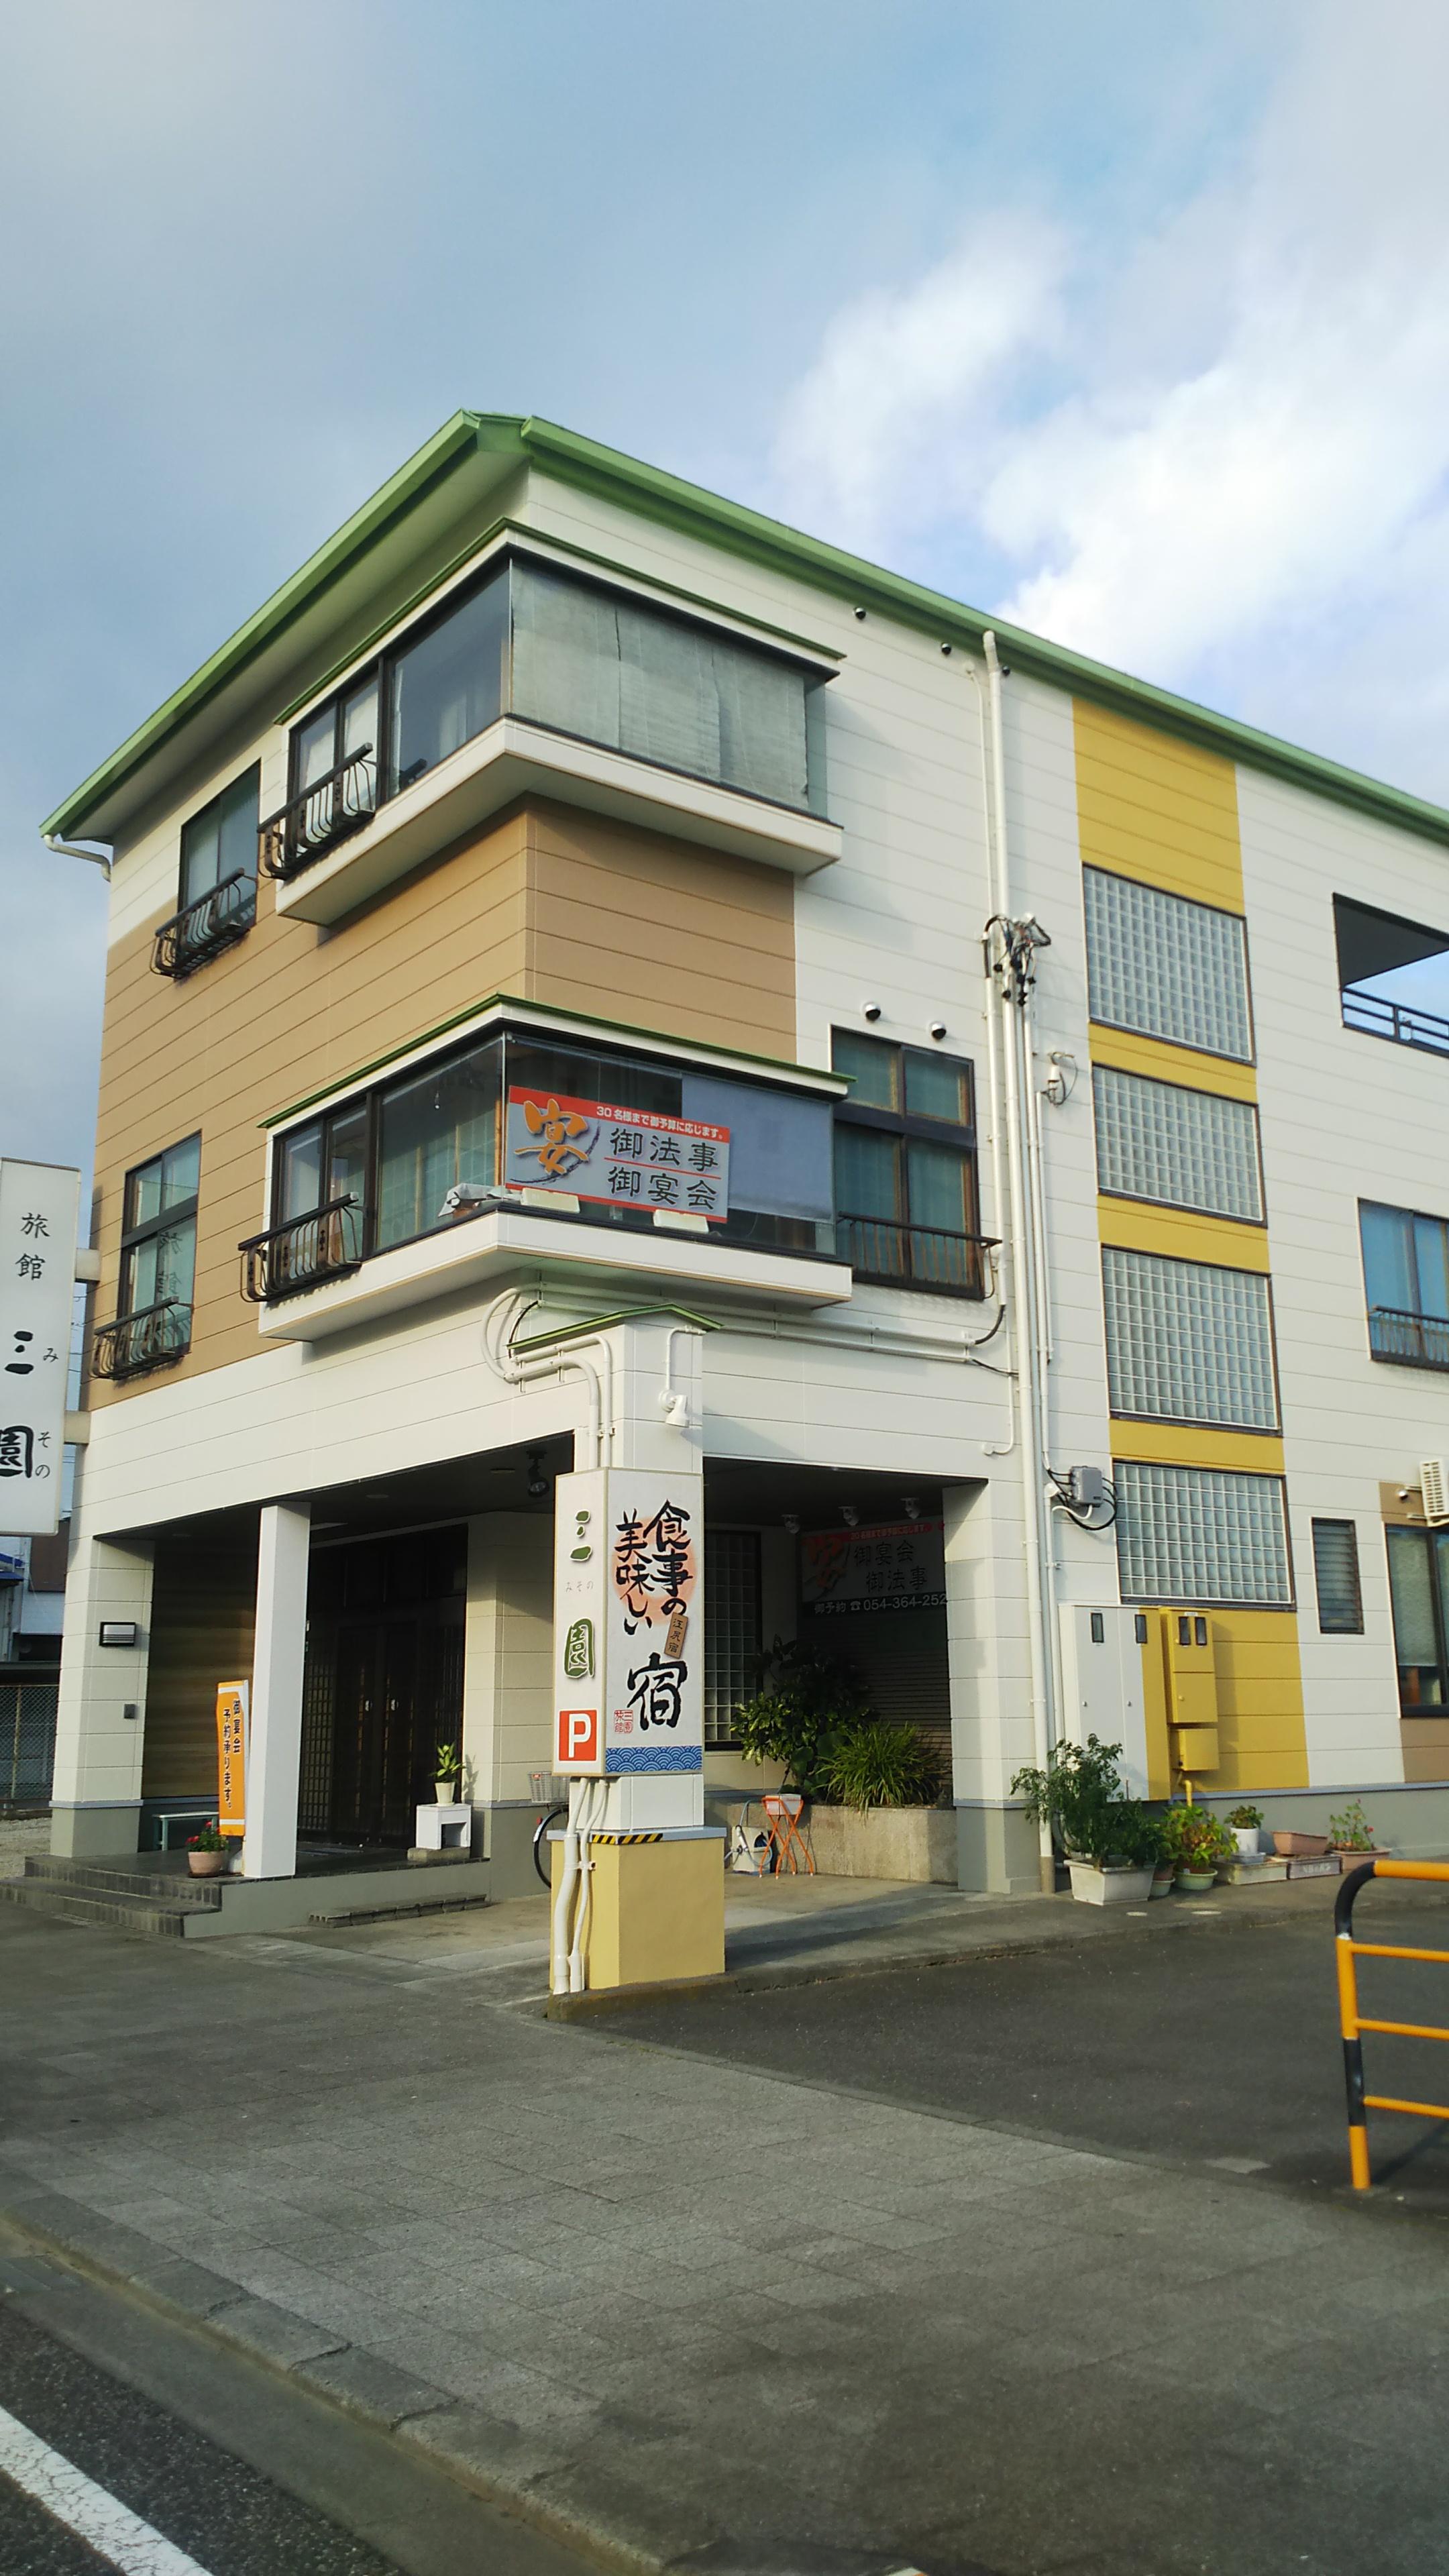 三園旅館全景。晴れた日は富士山がきれいに見えますよ。